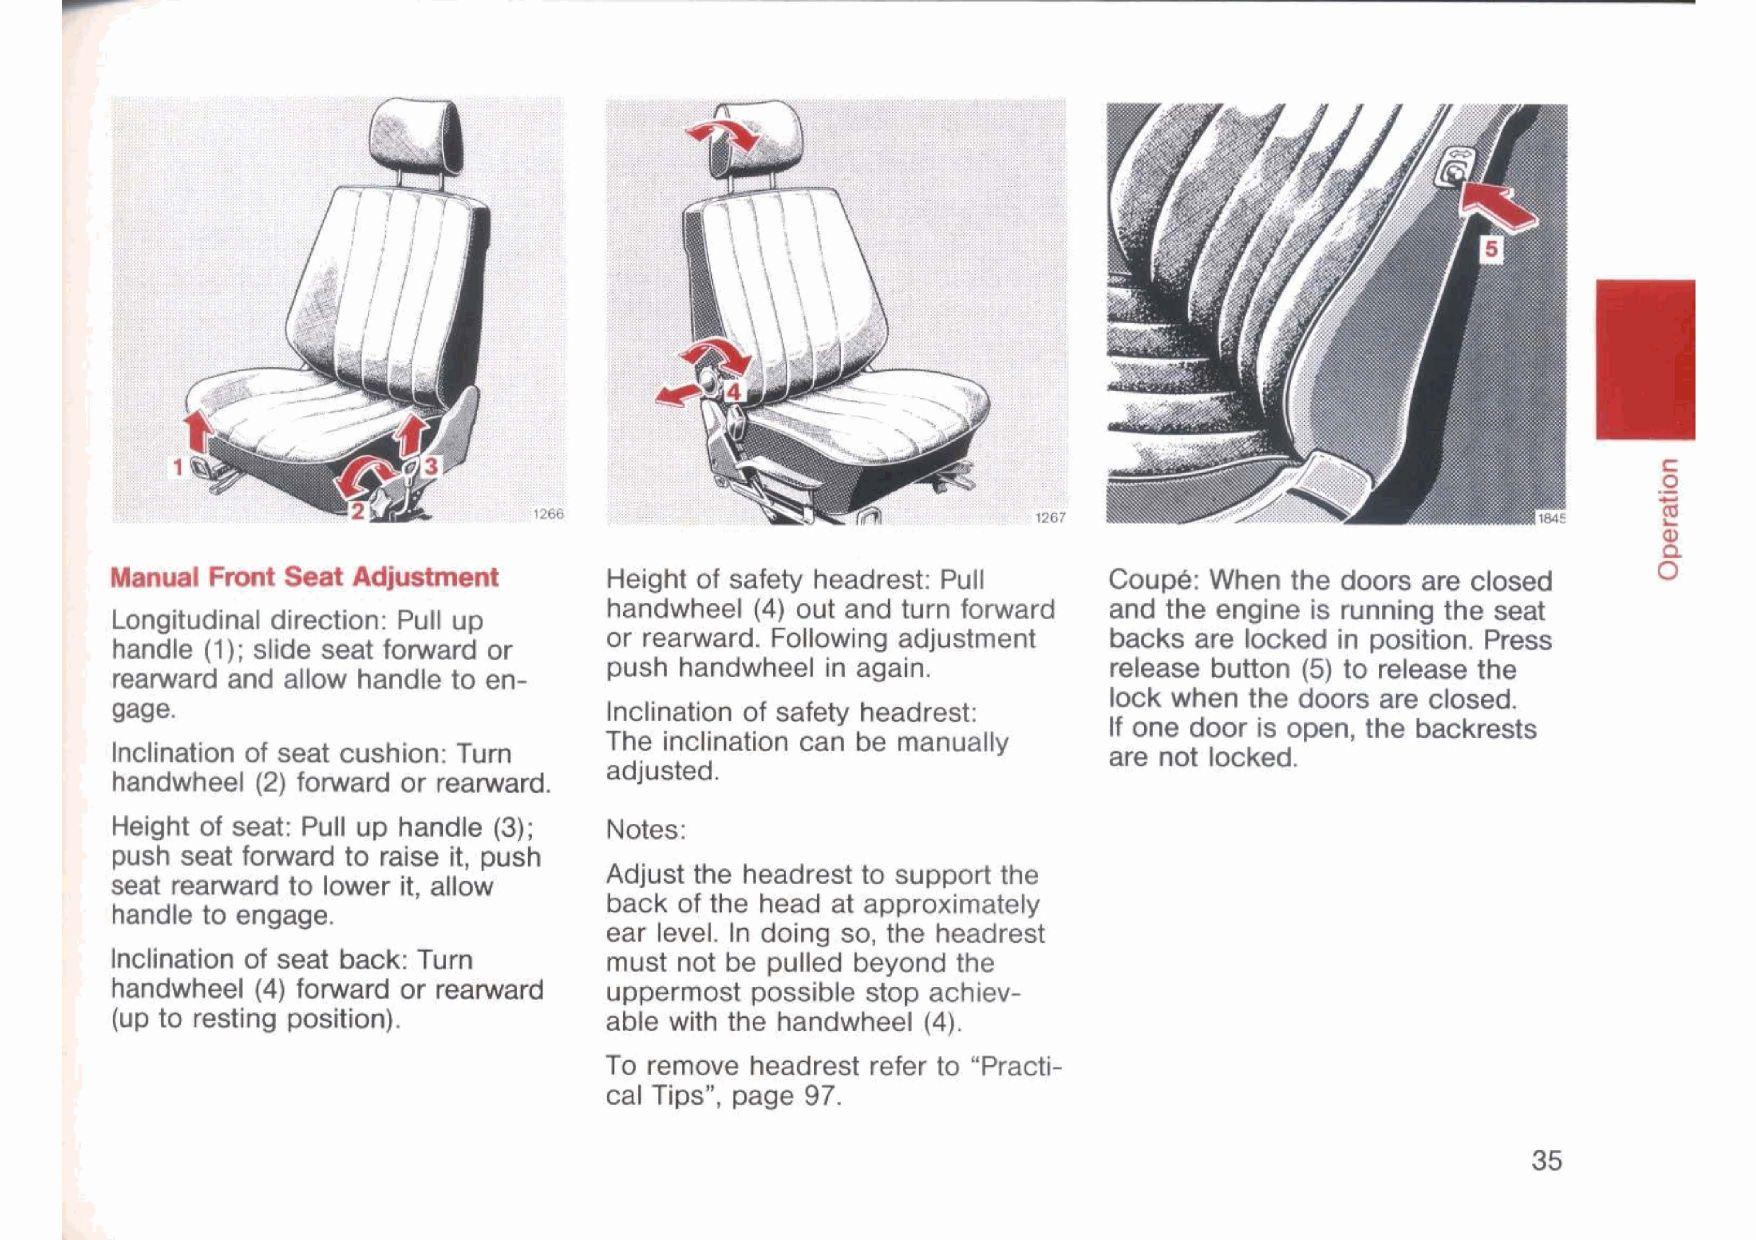 mercedes manual seat adjustment